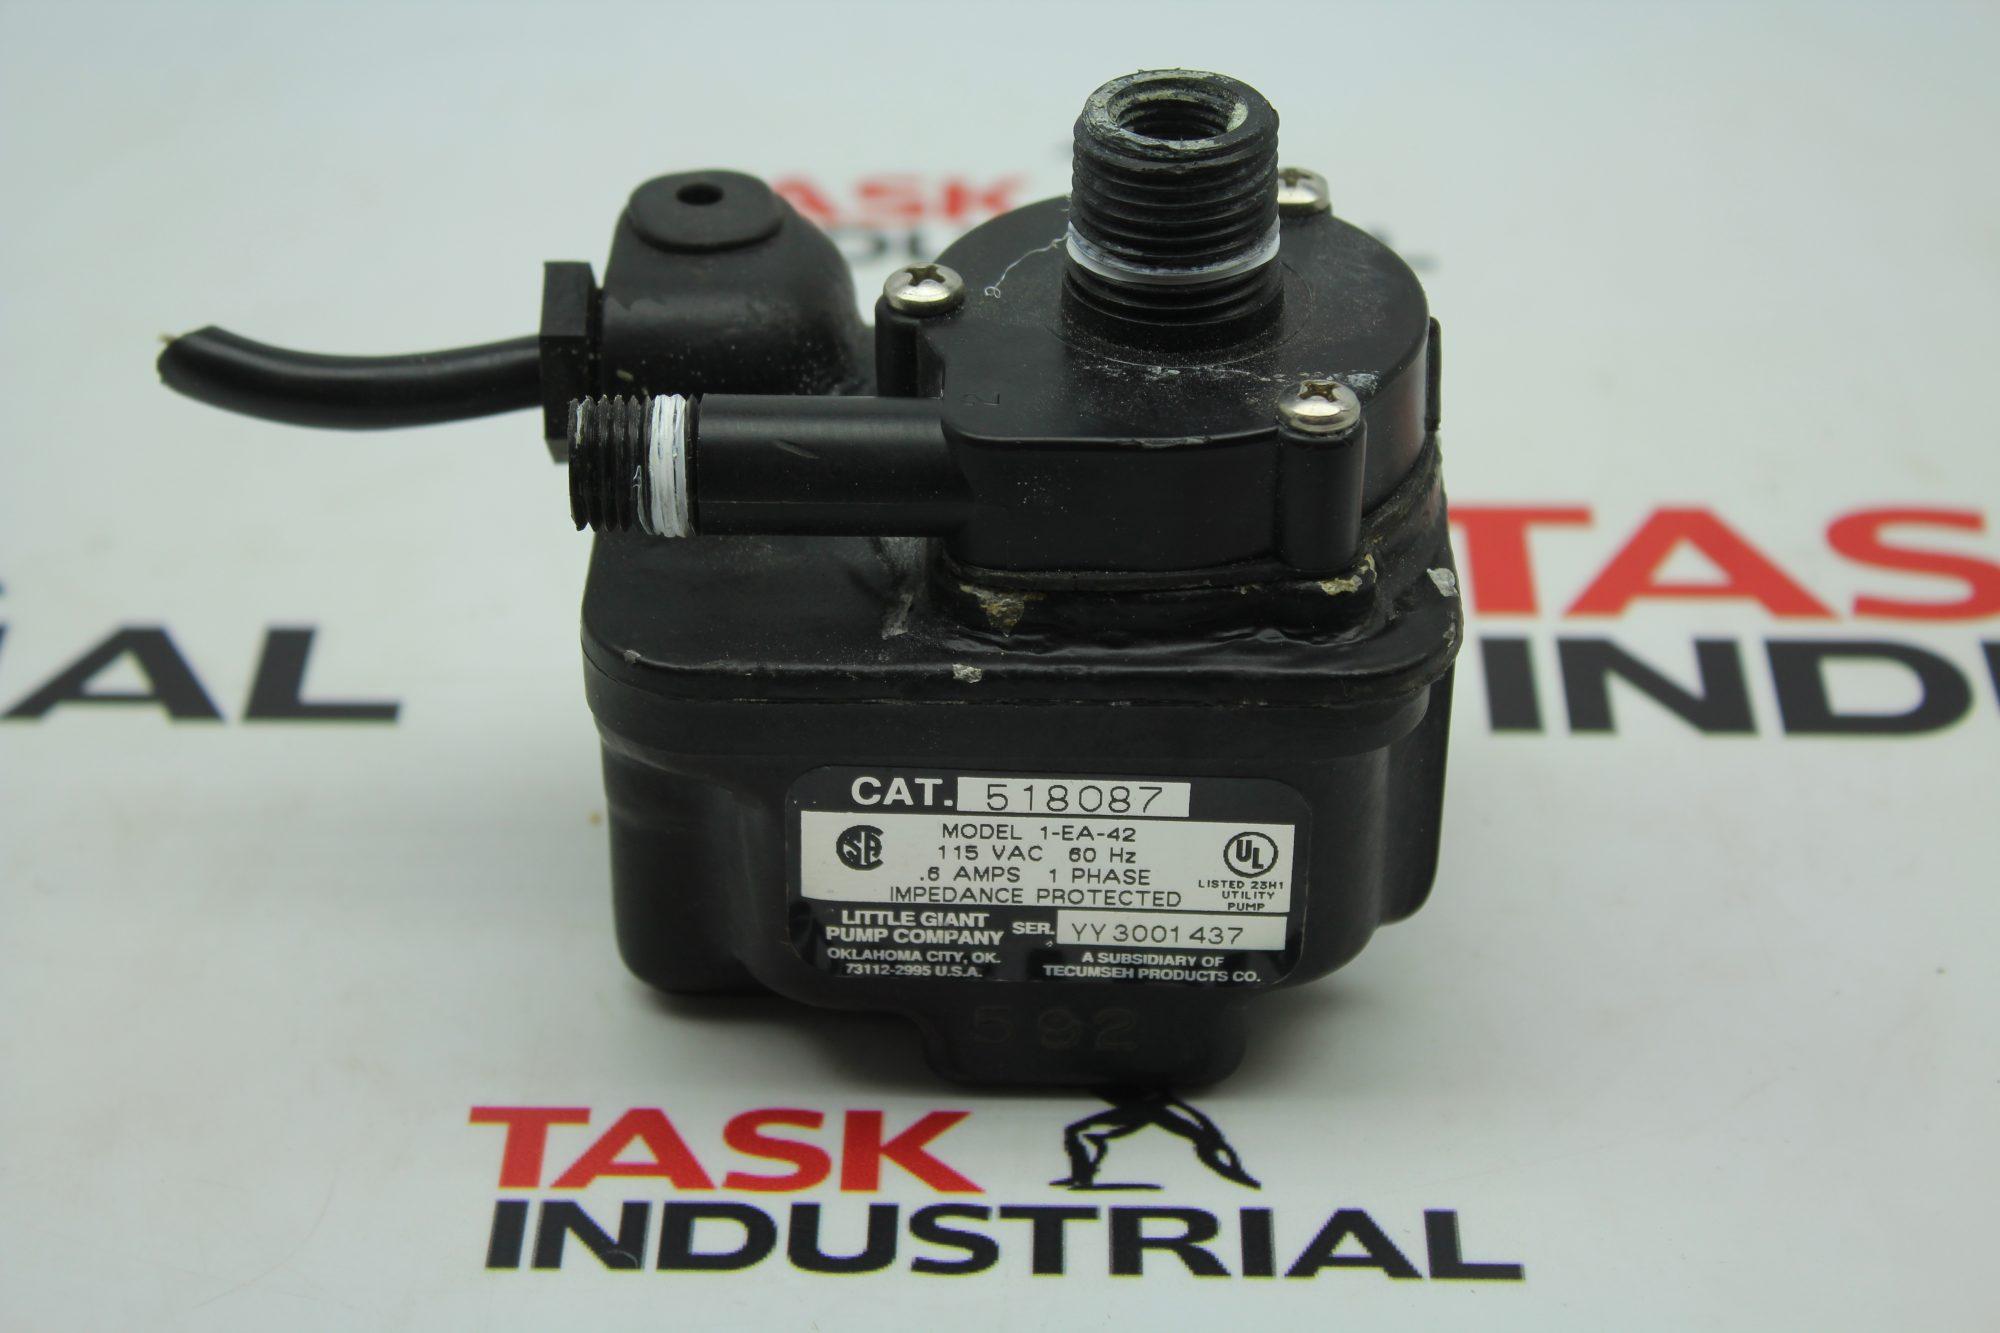 Little Giant Pump Company CAT No. 518087 Model A-EA-42